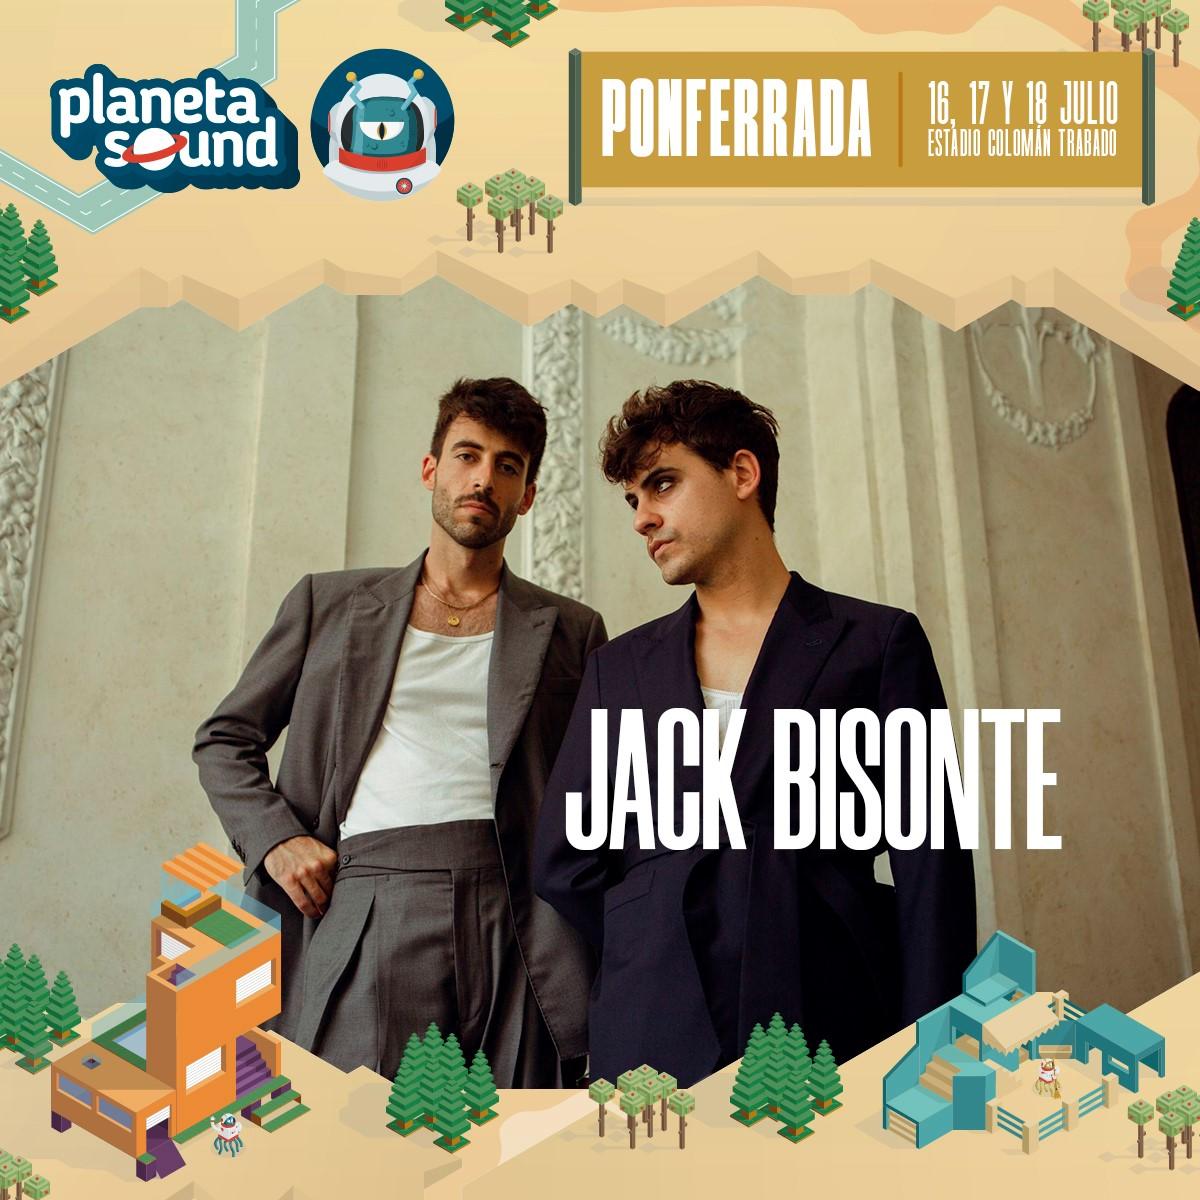 Morning Drivers, Jack Bisonte y Shinova se unen al cartel del Planeta Sound 2021 3